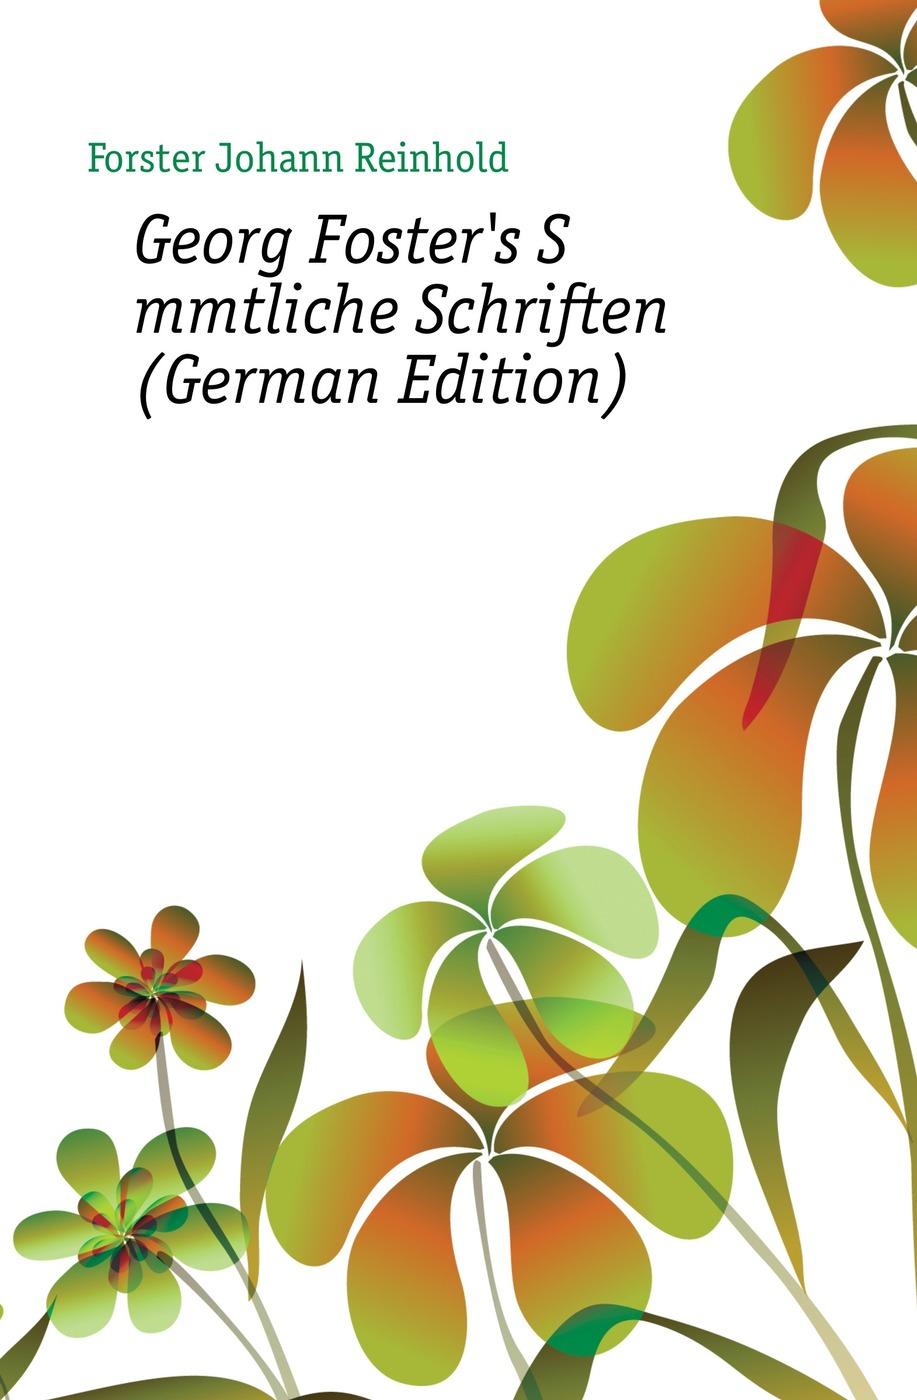 Forster Johann Reinhold Georg Foster's Sammtliche Schriften (German Edition) johann georg buesch johann georg busch s samtliche schriften volume 11 german edition